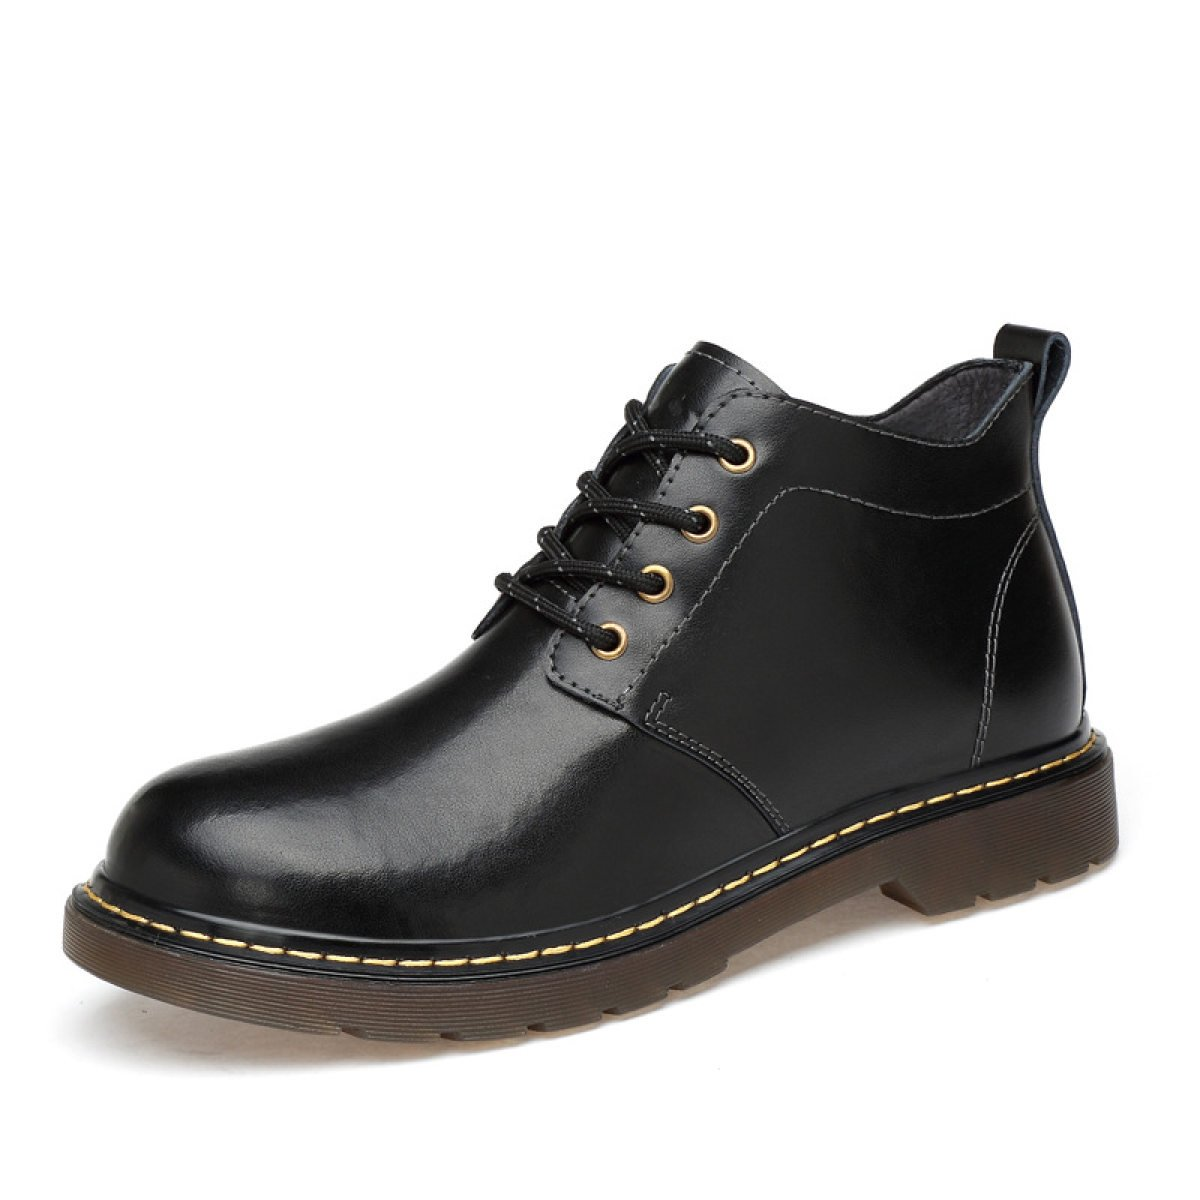 Paare Martin Stiefel Rutschfest Leder Wüste Stiefel Ärmel Stiefel Schuhe In Der Mitte schwarzschuhe